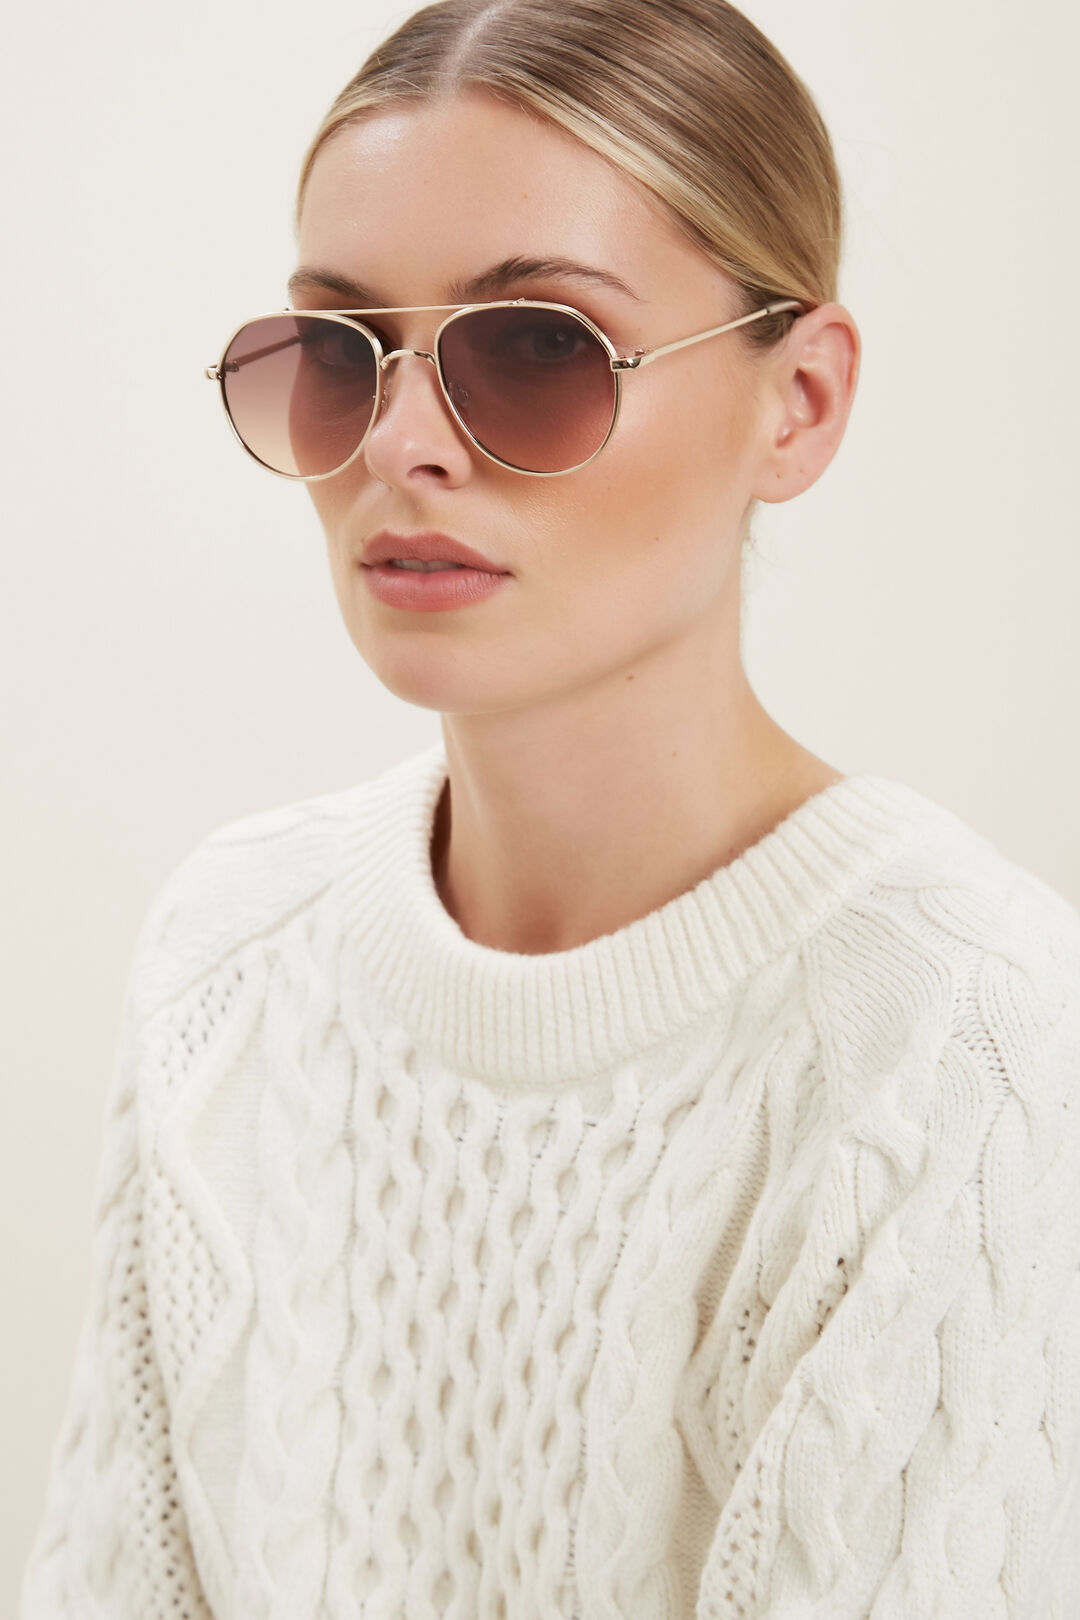 Ashley Metal Sunglasses  Gold  hi-res